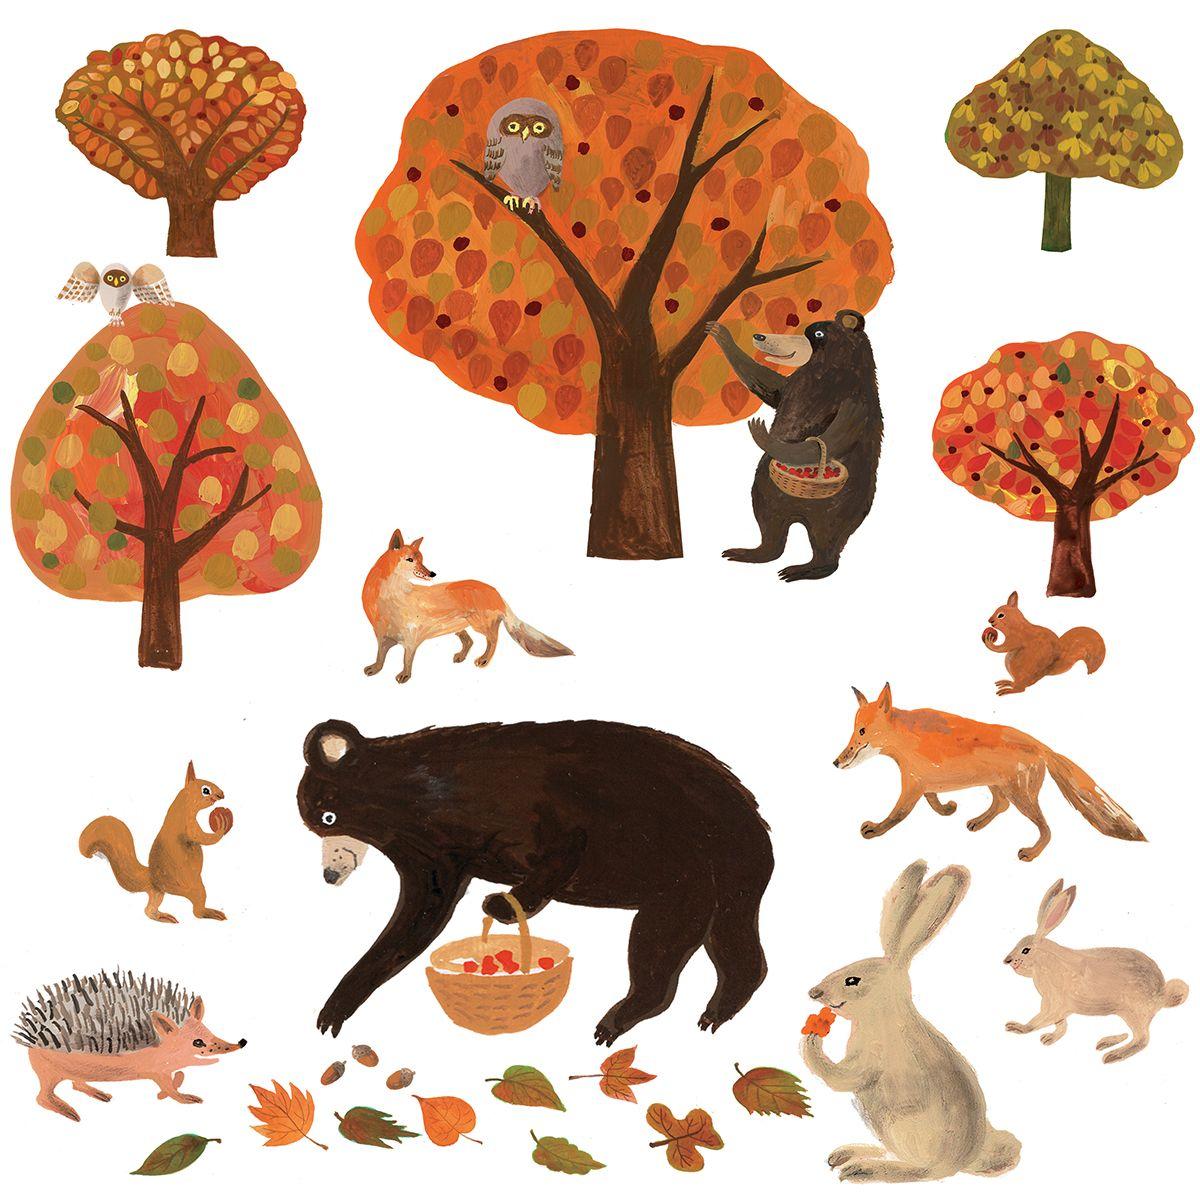 秋の動物たち1 えつこ様 第4回 Merlot コンテストテーマ Merlot